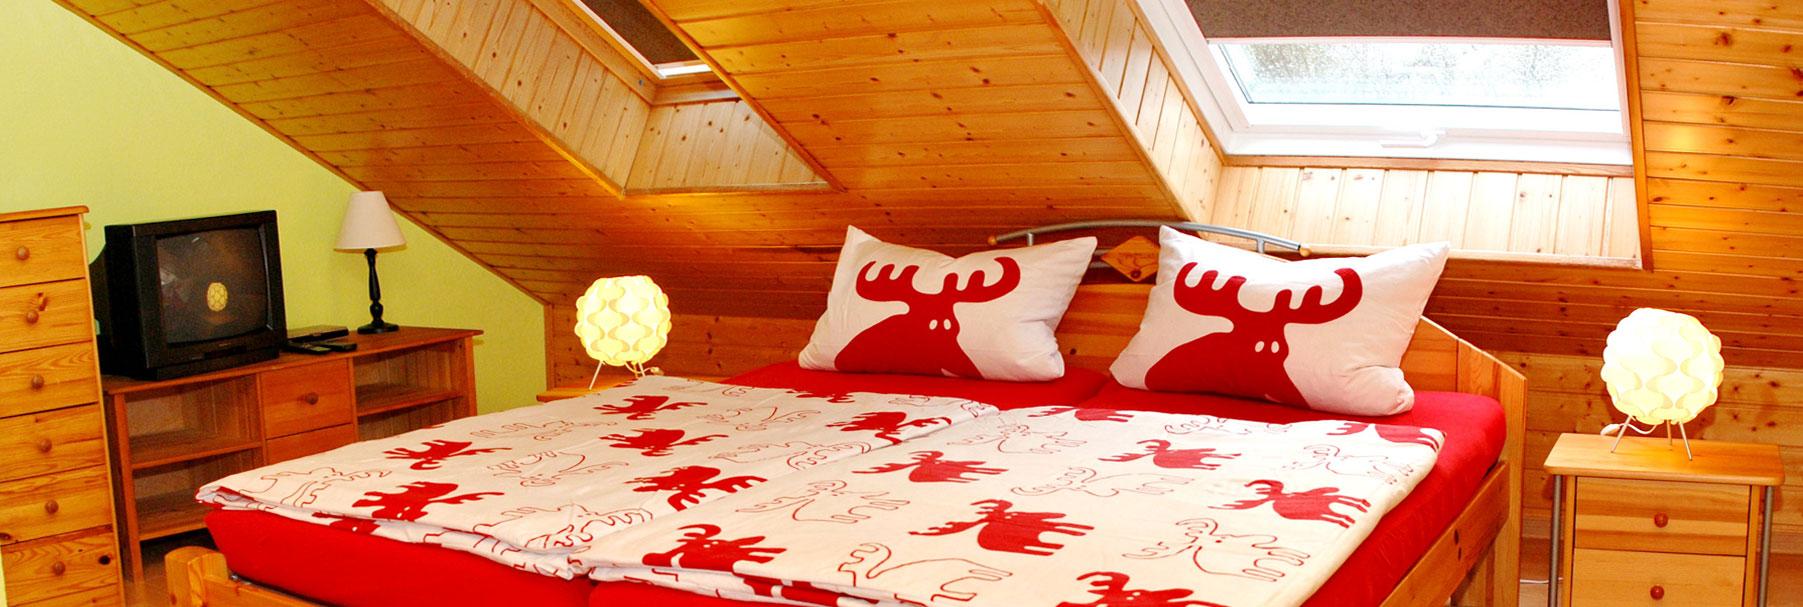 Schlafzimmer - Ferienhaus Kleeblatt